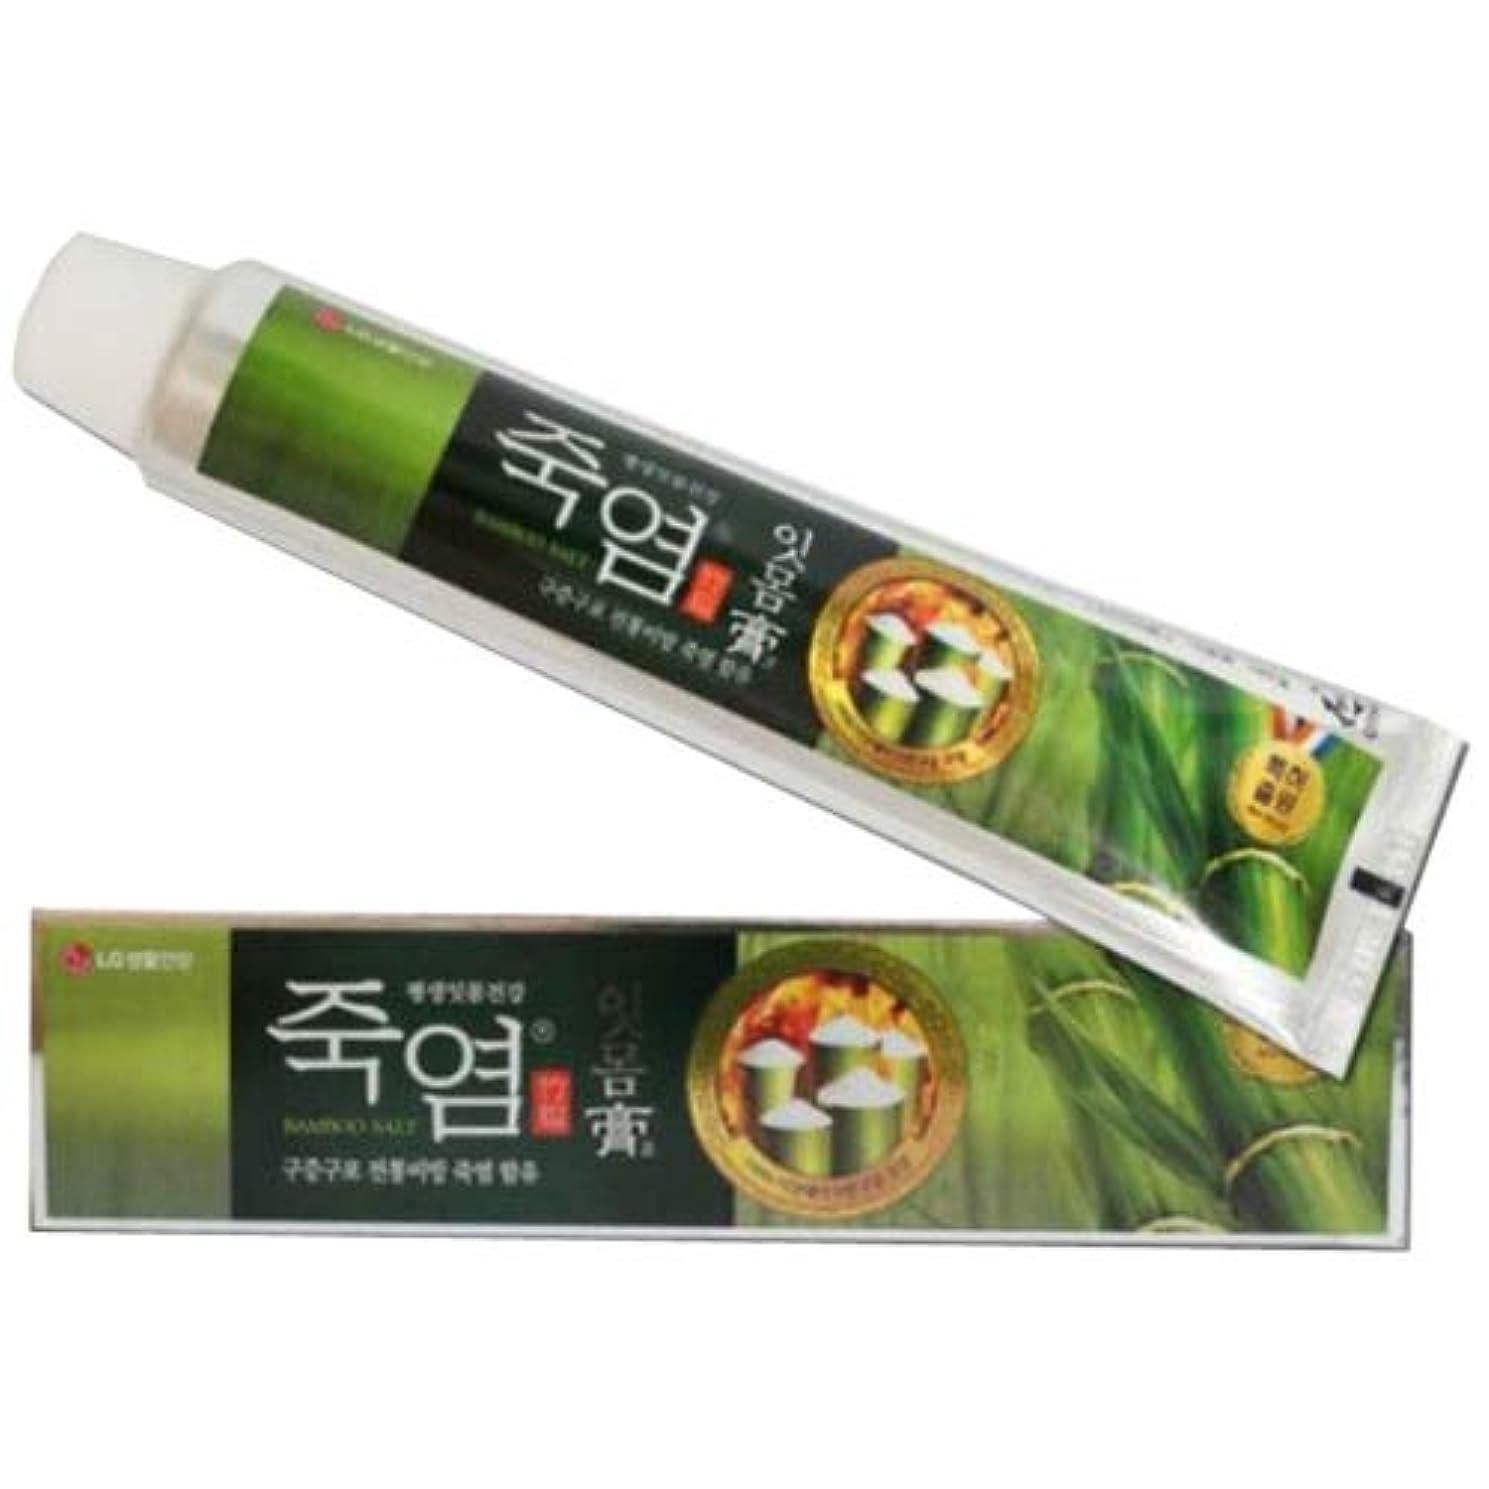 貫通解釈達成可能[LG Care/LG生活健康]竹塩歯磨き粉つぶれて歯茎を健康に120g x1EA 歯磨きセットスペシャル?リミテッドToothpaste Set Special Limited Korea